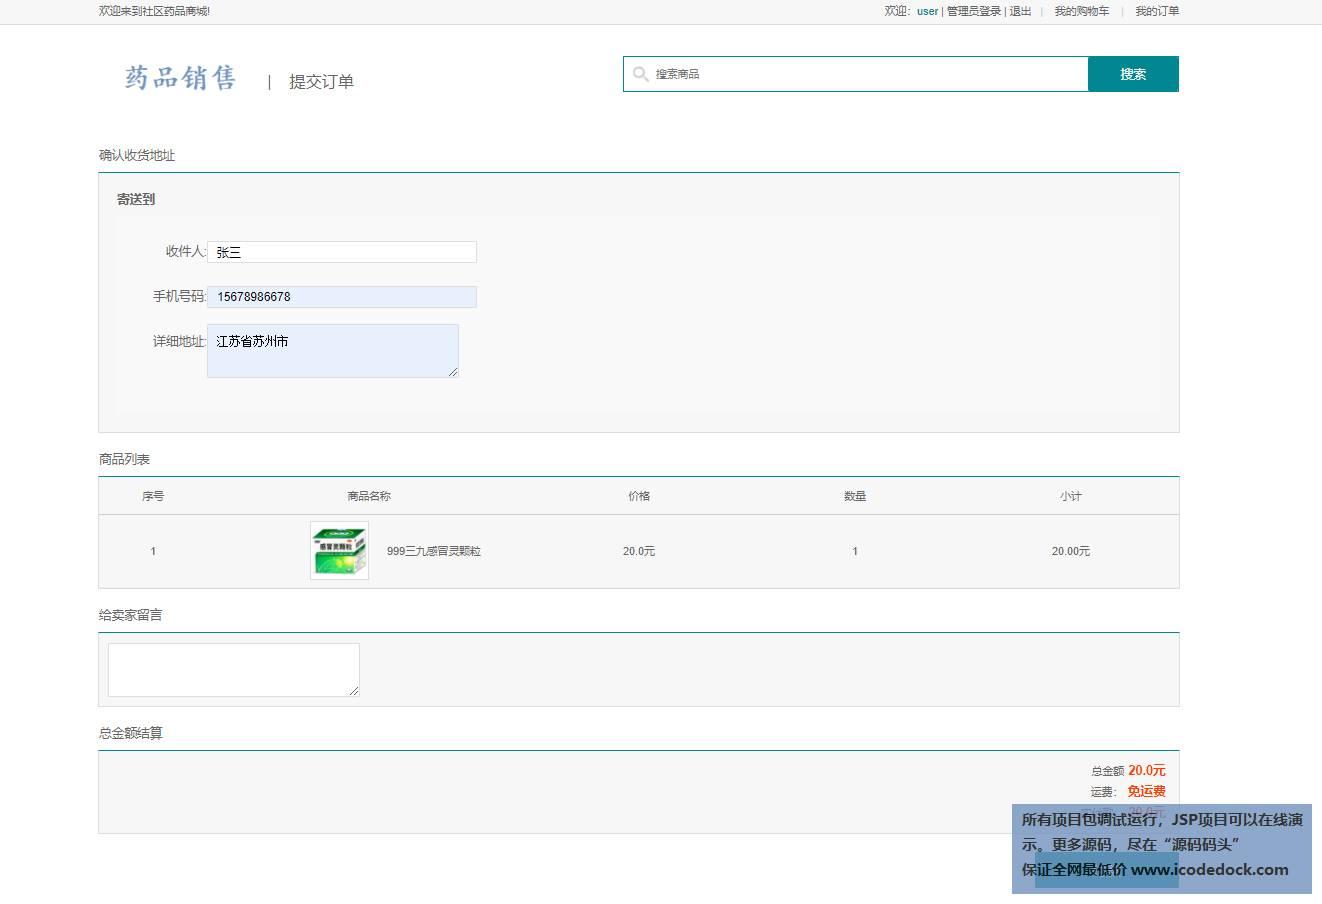 源码码头-SSM在线社区药品销售商城-用户角色-提交订单